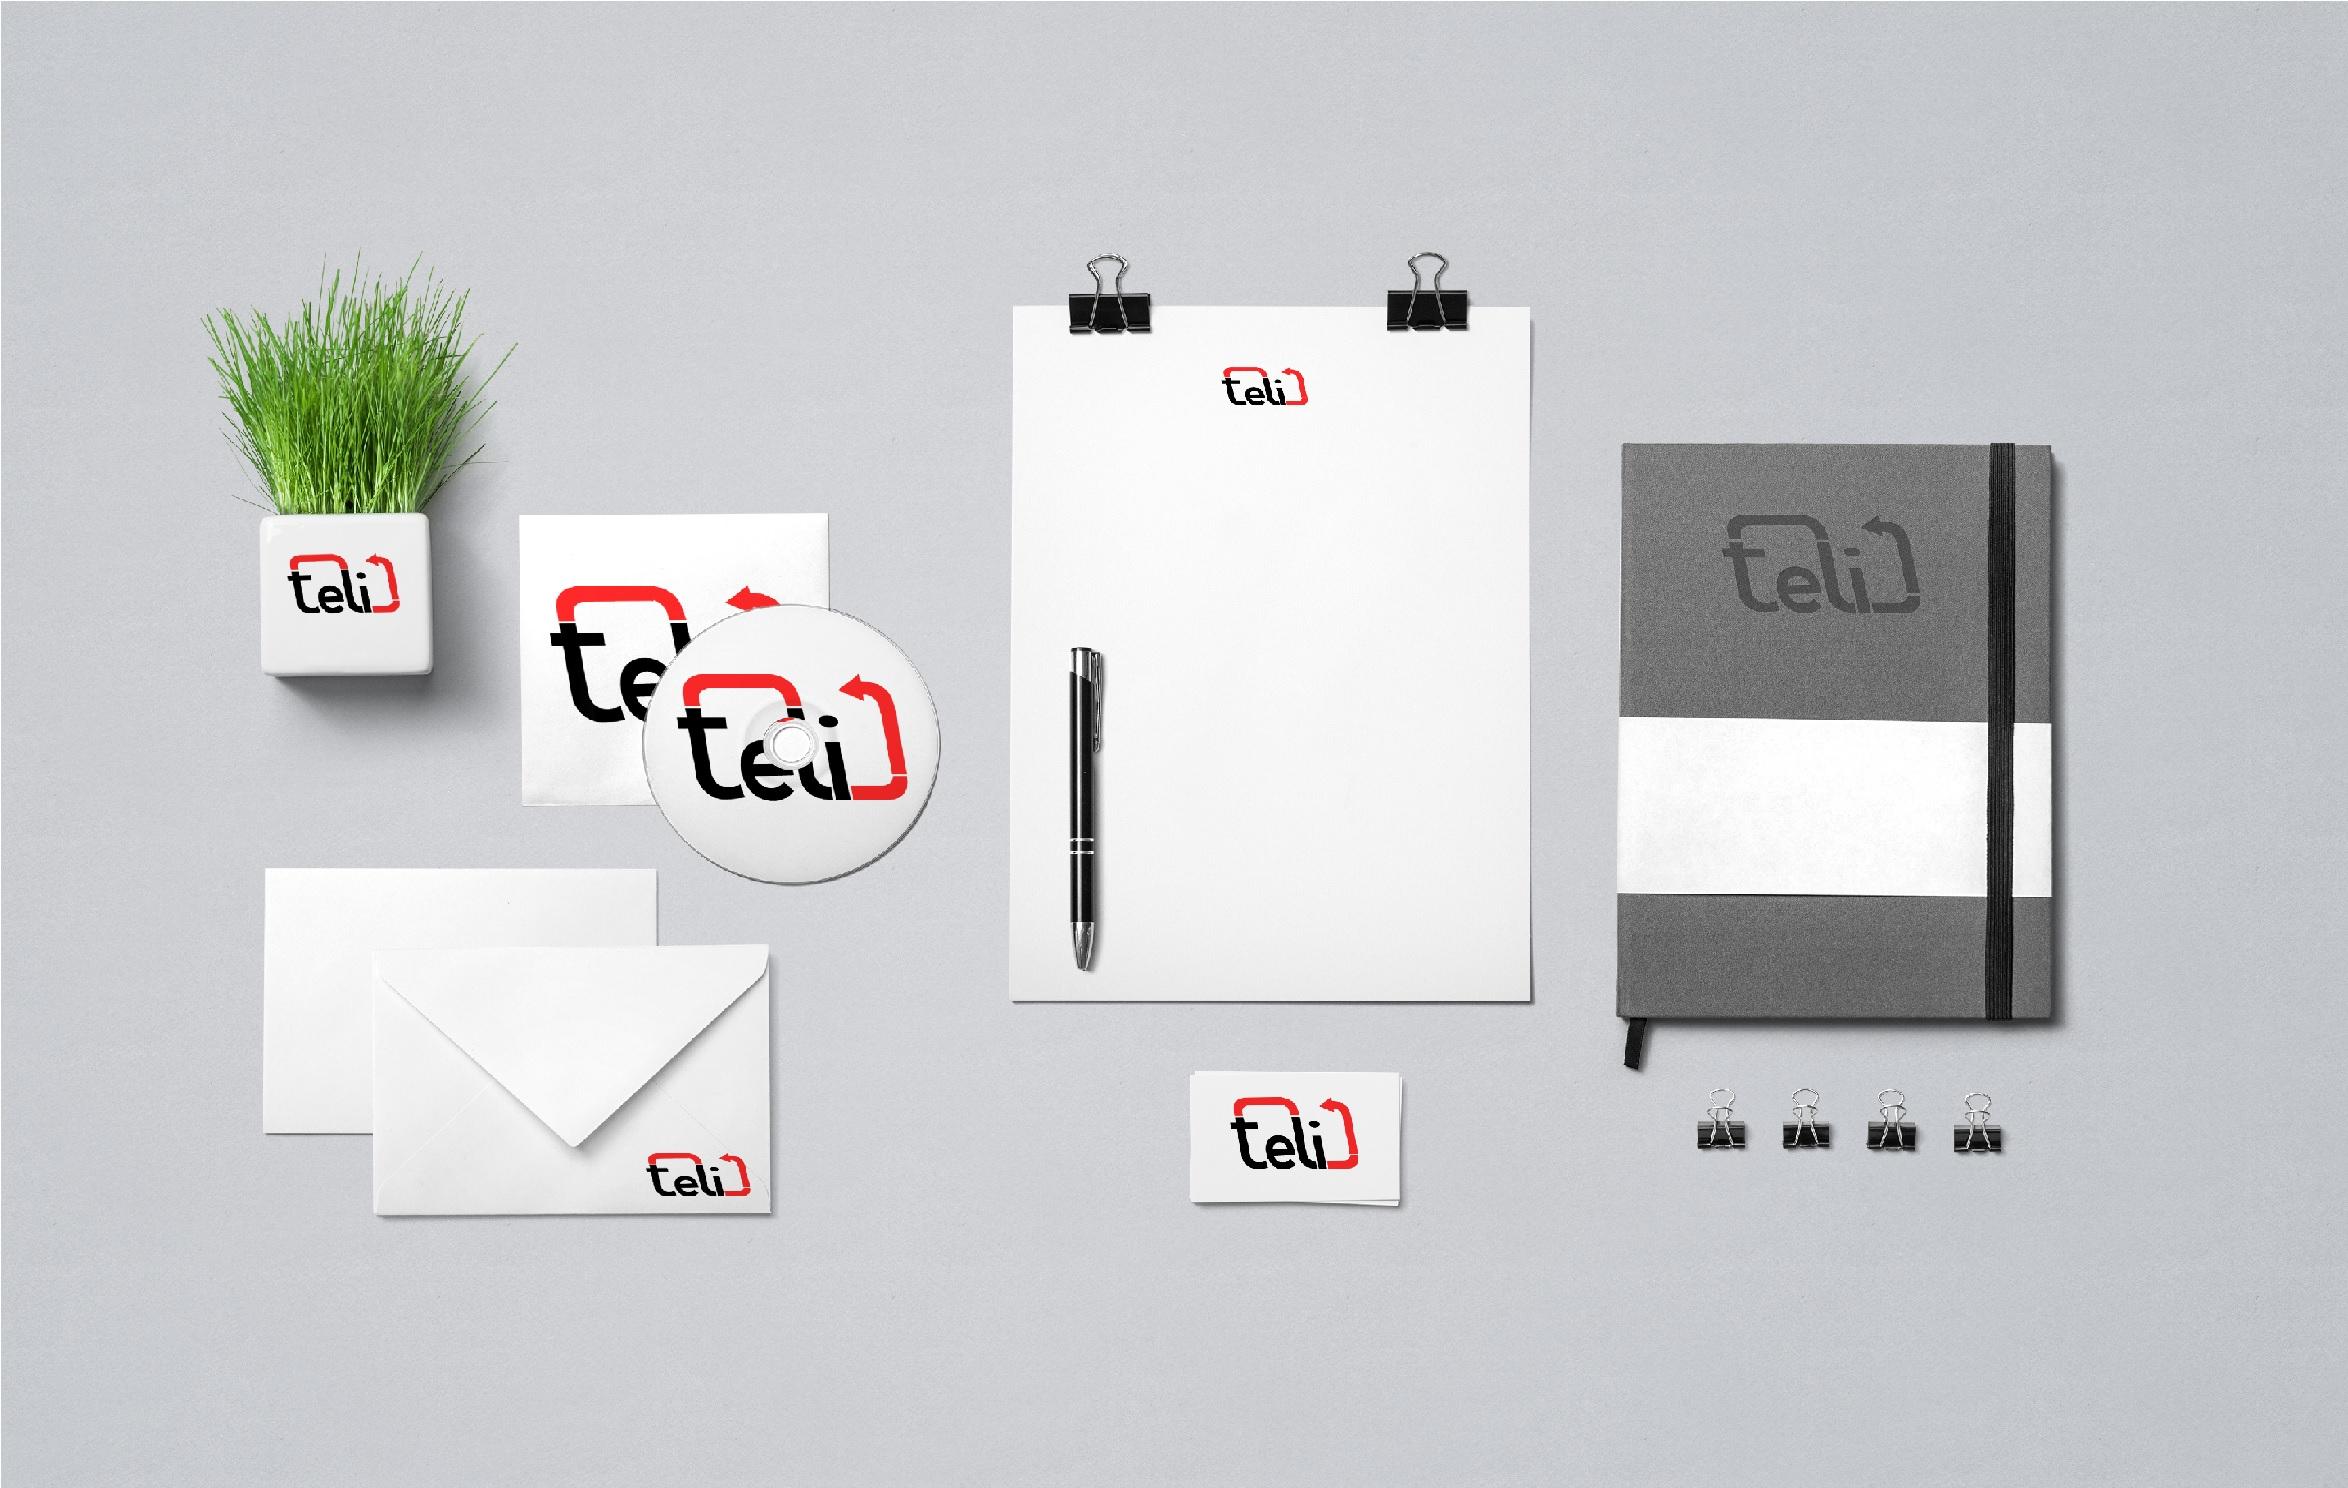 Разработка логотипа и фирменного стиля фото f_40958fb532f22a66.jpg